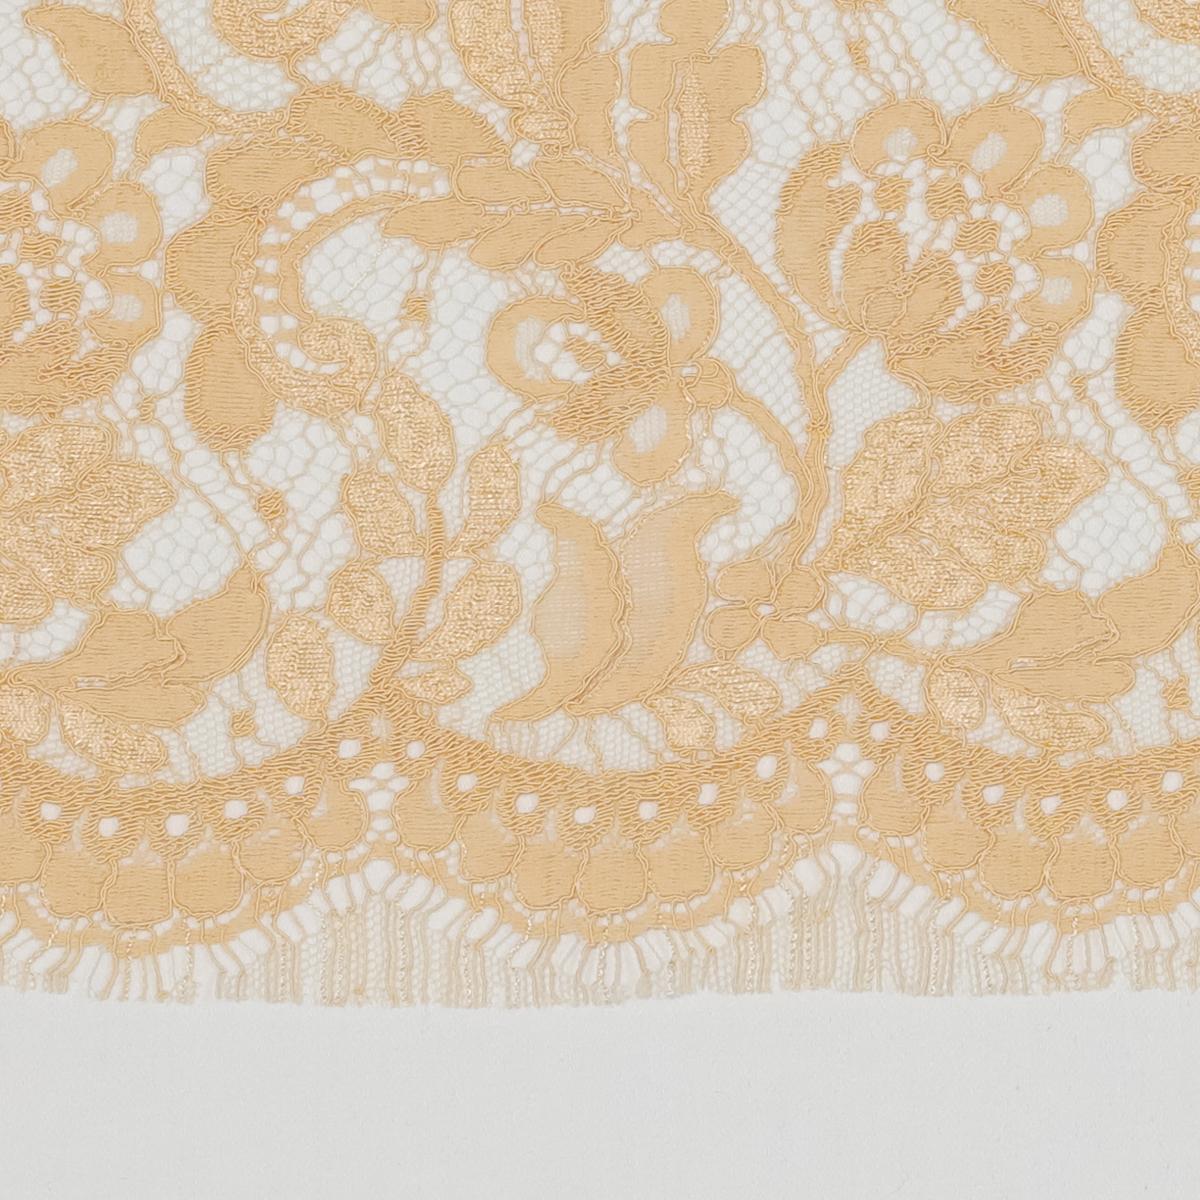 Кружево Sophie Hallette цвета французской ванили